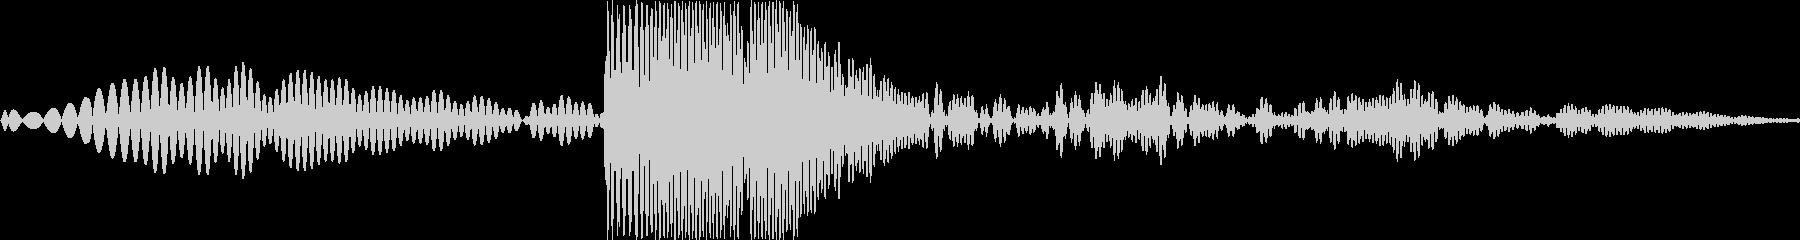 スポ!(引っこ抜く、コルク栓を抜く音)の未再生の波形